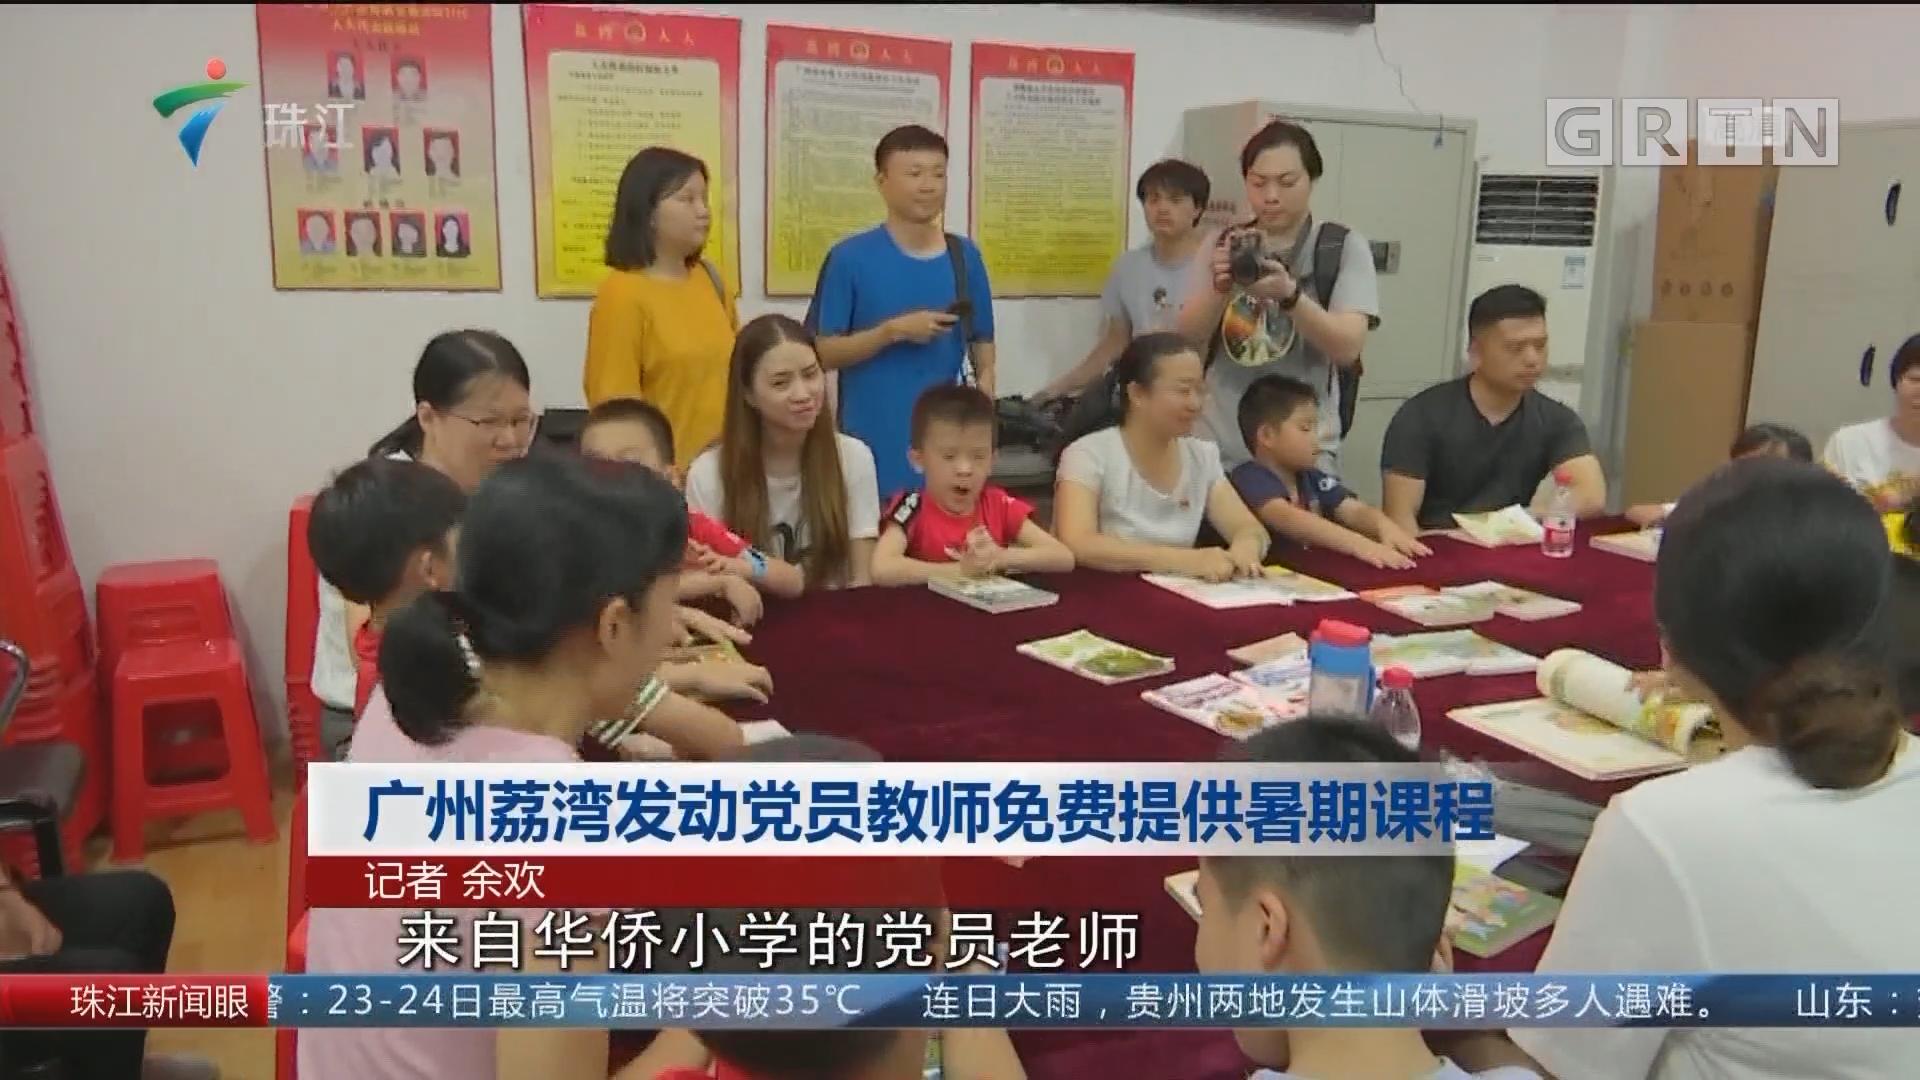 广州荔湾发动党员教师免费提供暑期课程